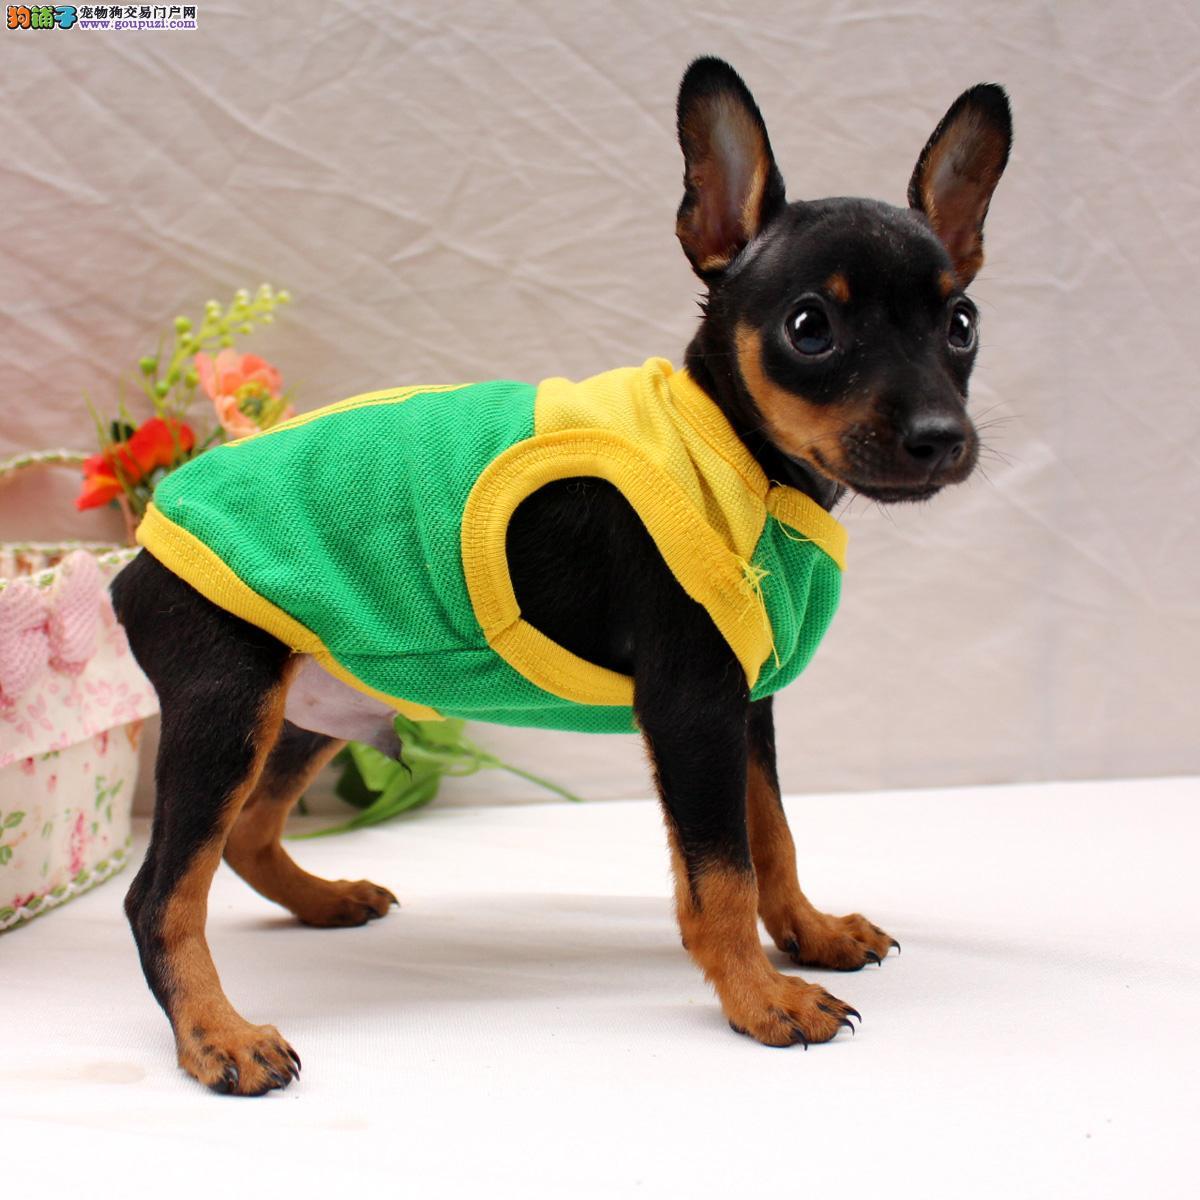 银川出售小鹿犬公母都有品质一流优惠出售中狗贩子勿扰